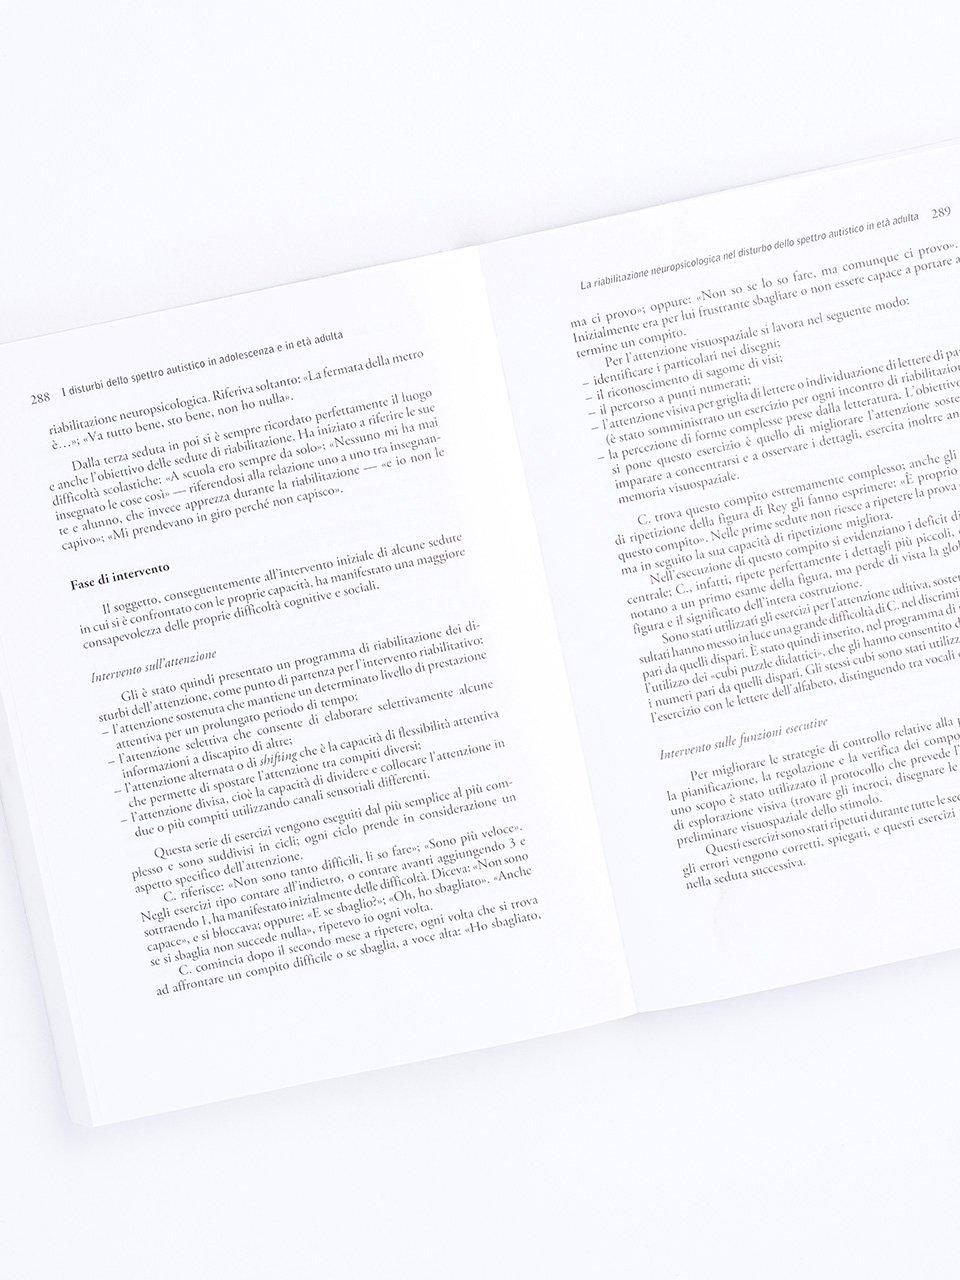 I disturbi dello spettro autistico in adolescenza  - Libri - Erickson 2